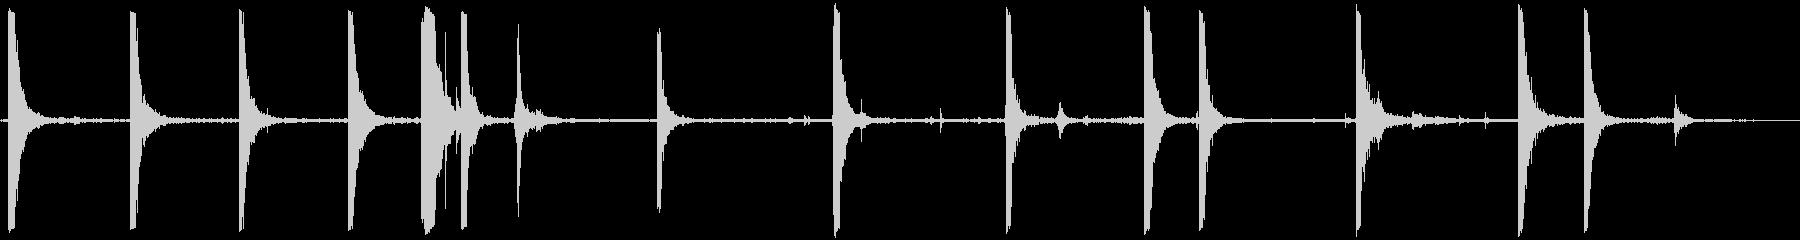 鍛冶屋:アウトドア:メタルまたはホ...の未再生の波形